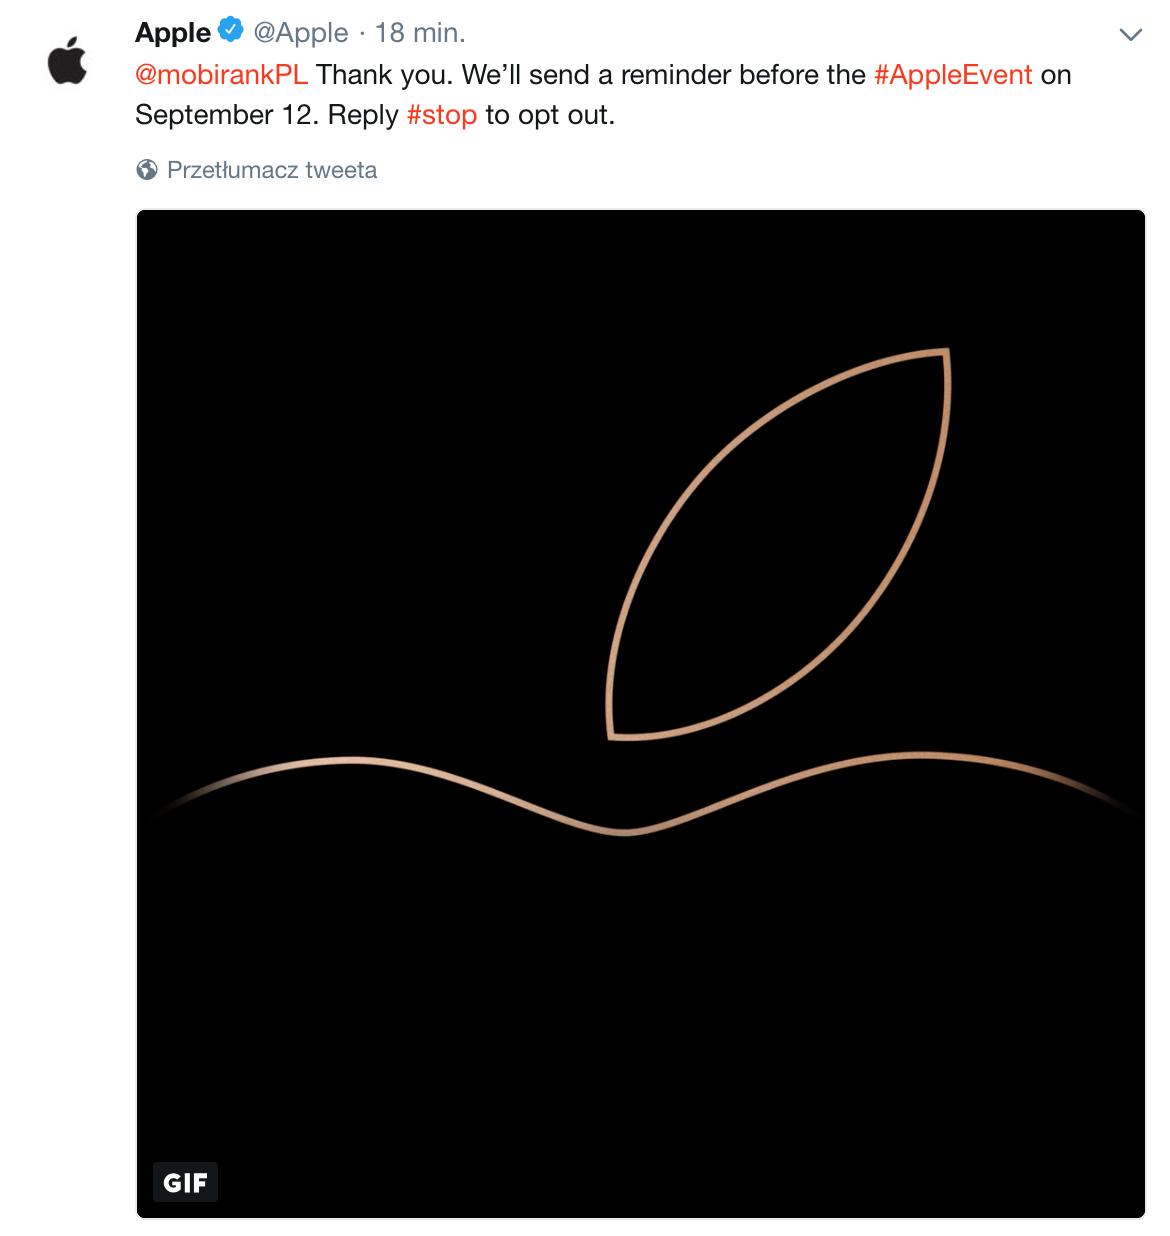 Automatyczna odpowiedź po polubieniu tweeta Apple'a o transmisji online #AppleEvent.